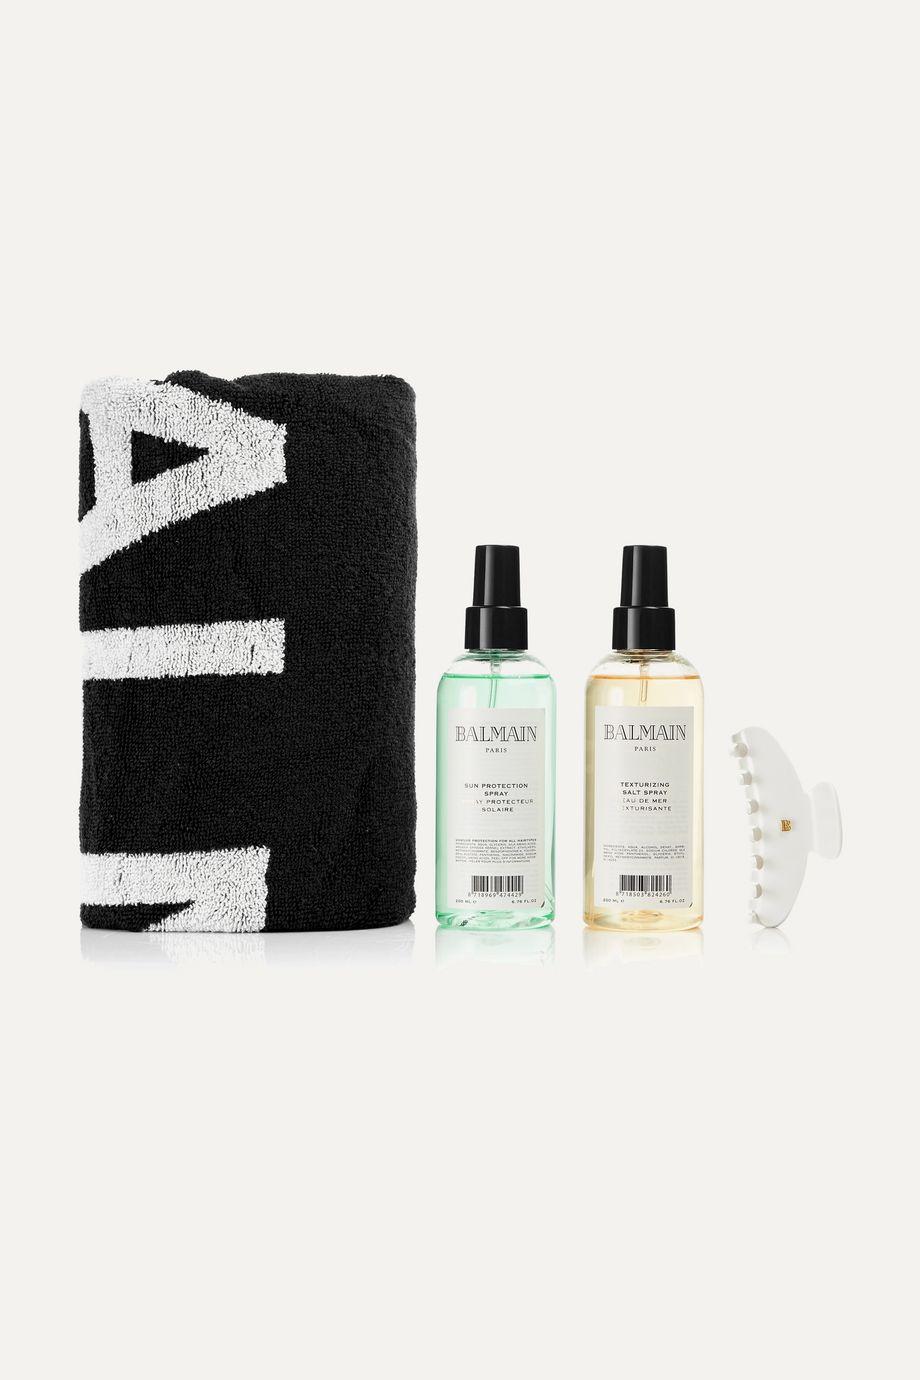 Balmain Paris Hair Couture Texture + Towel Gift Set